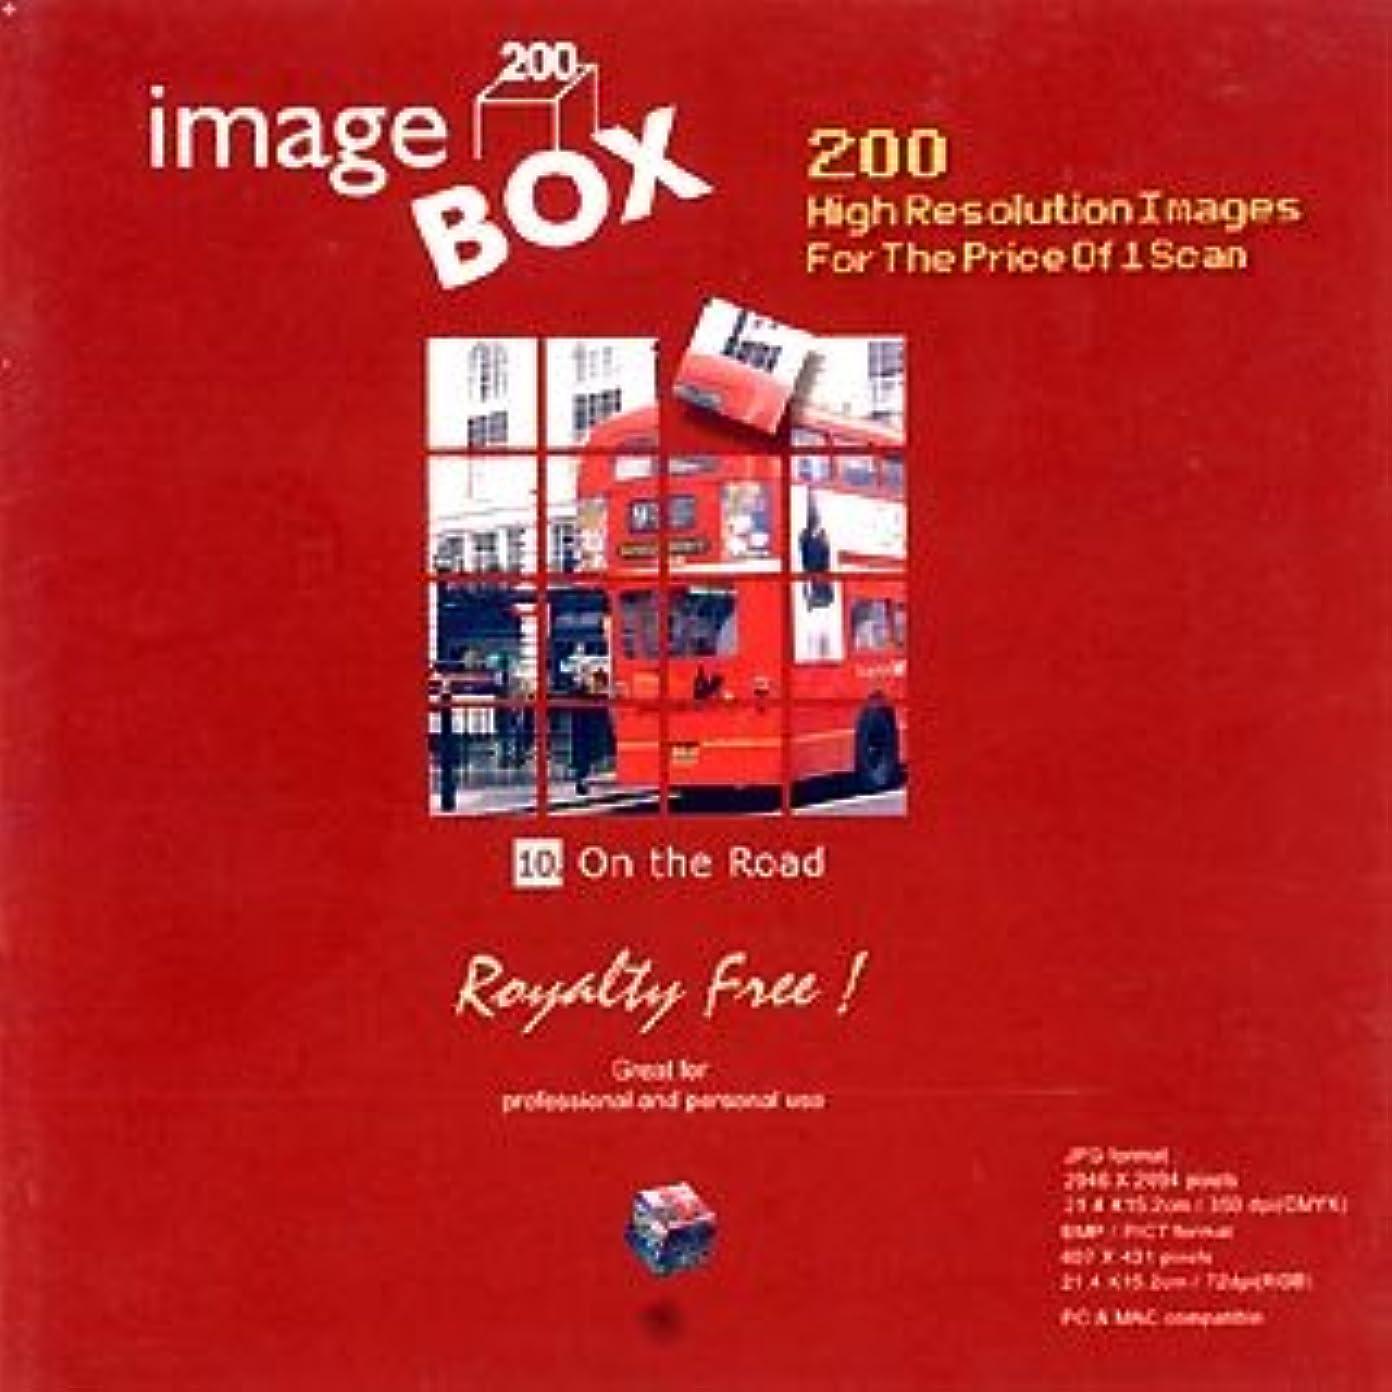 引き出し巨大レビュアーイメージ ボックス Vol.10 路上